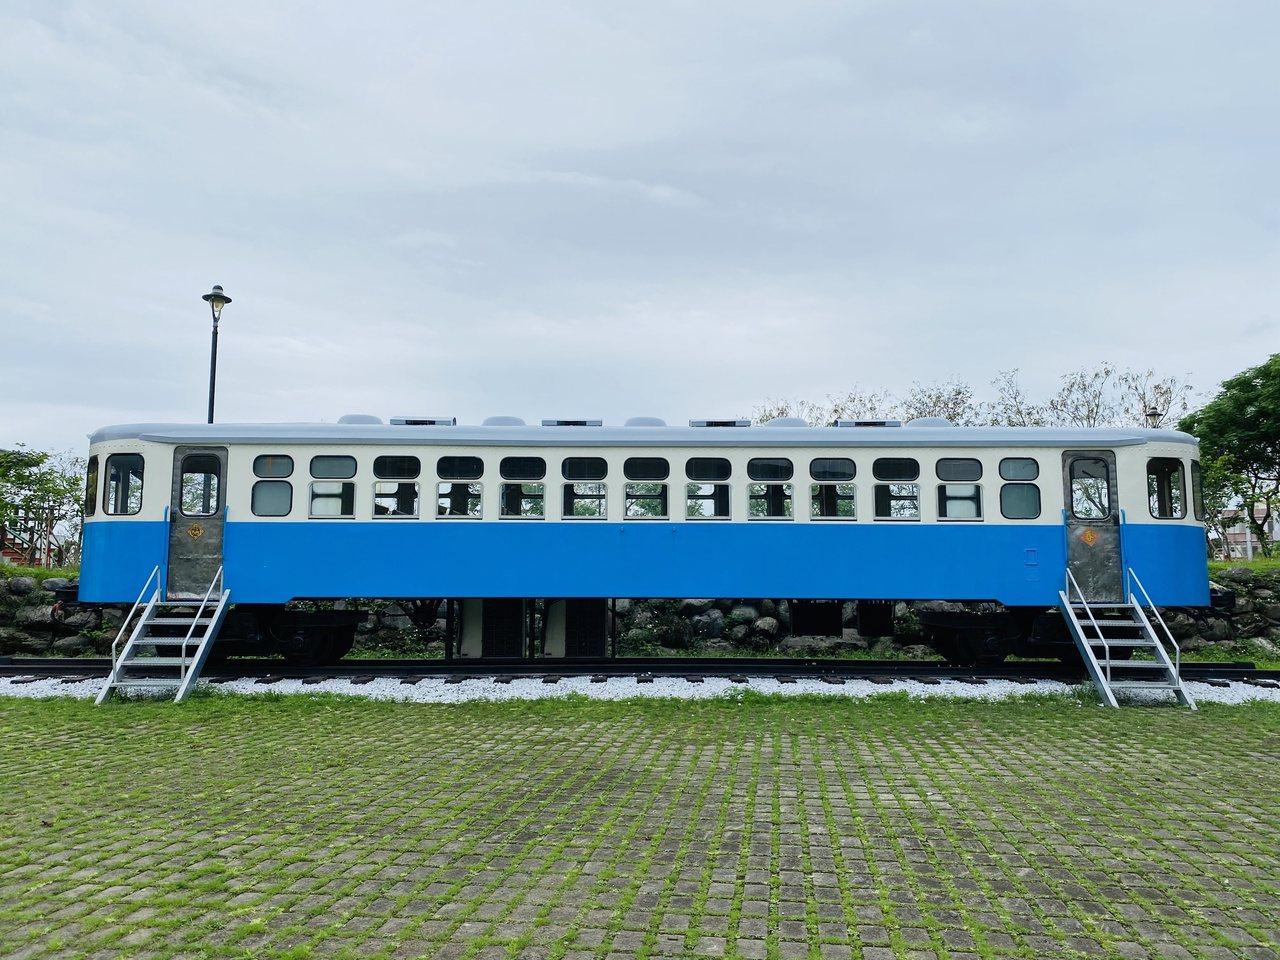 俗稱「東線小叮噹」的車廂曾行駛於東部,報廢後在櫻花公園展示。 圖/王思慧 攝影